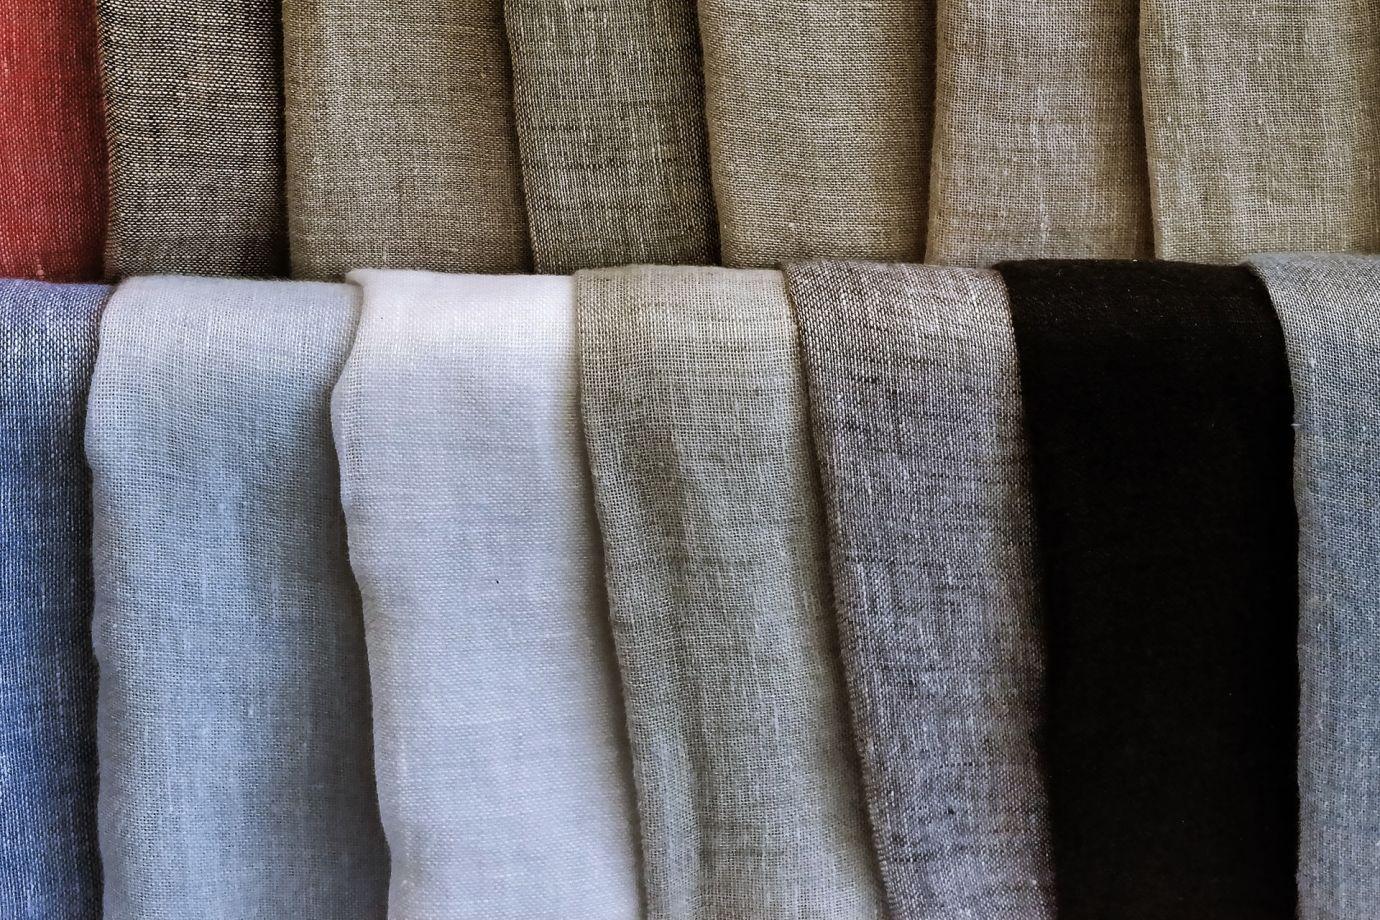 Ist Leinen Baumwolle?